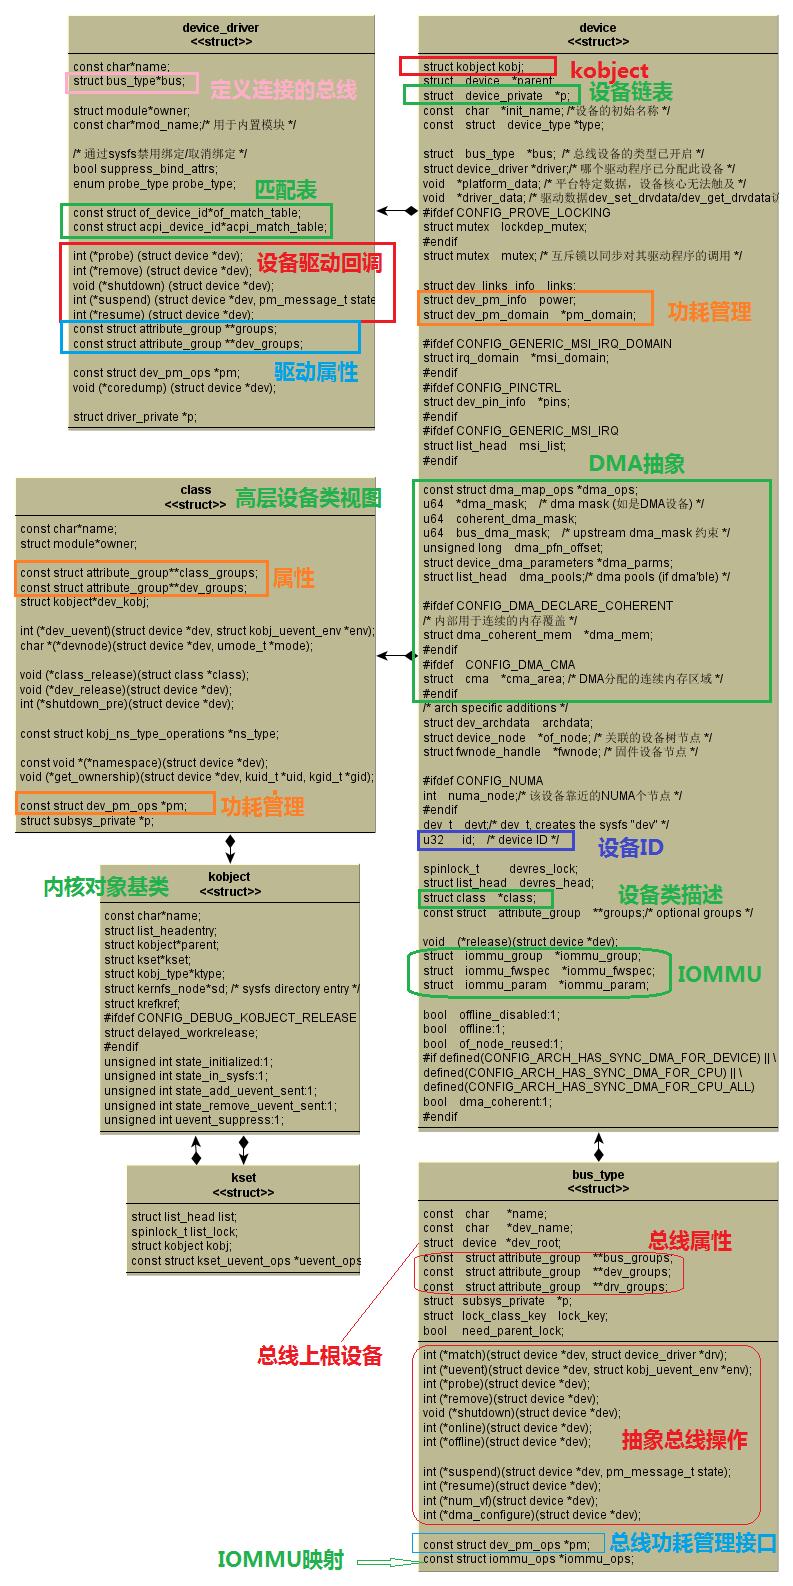 學Linux驅動: 應該先了解驅動模型_網頁設計公司